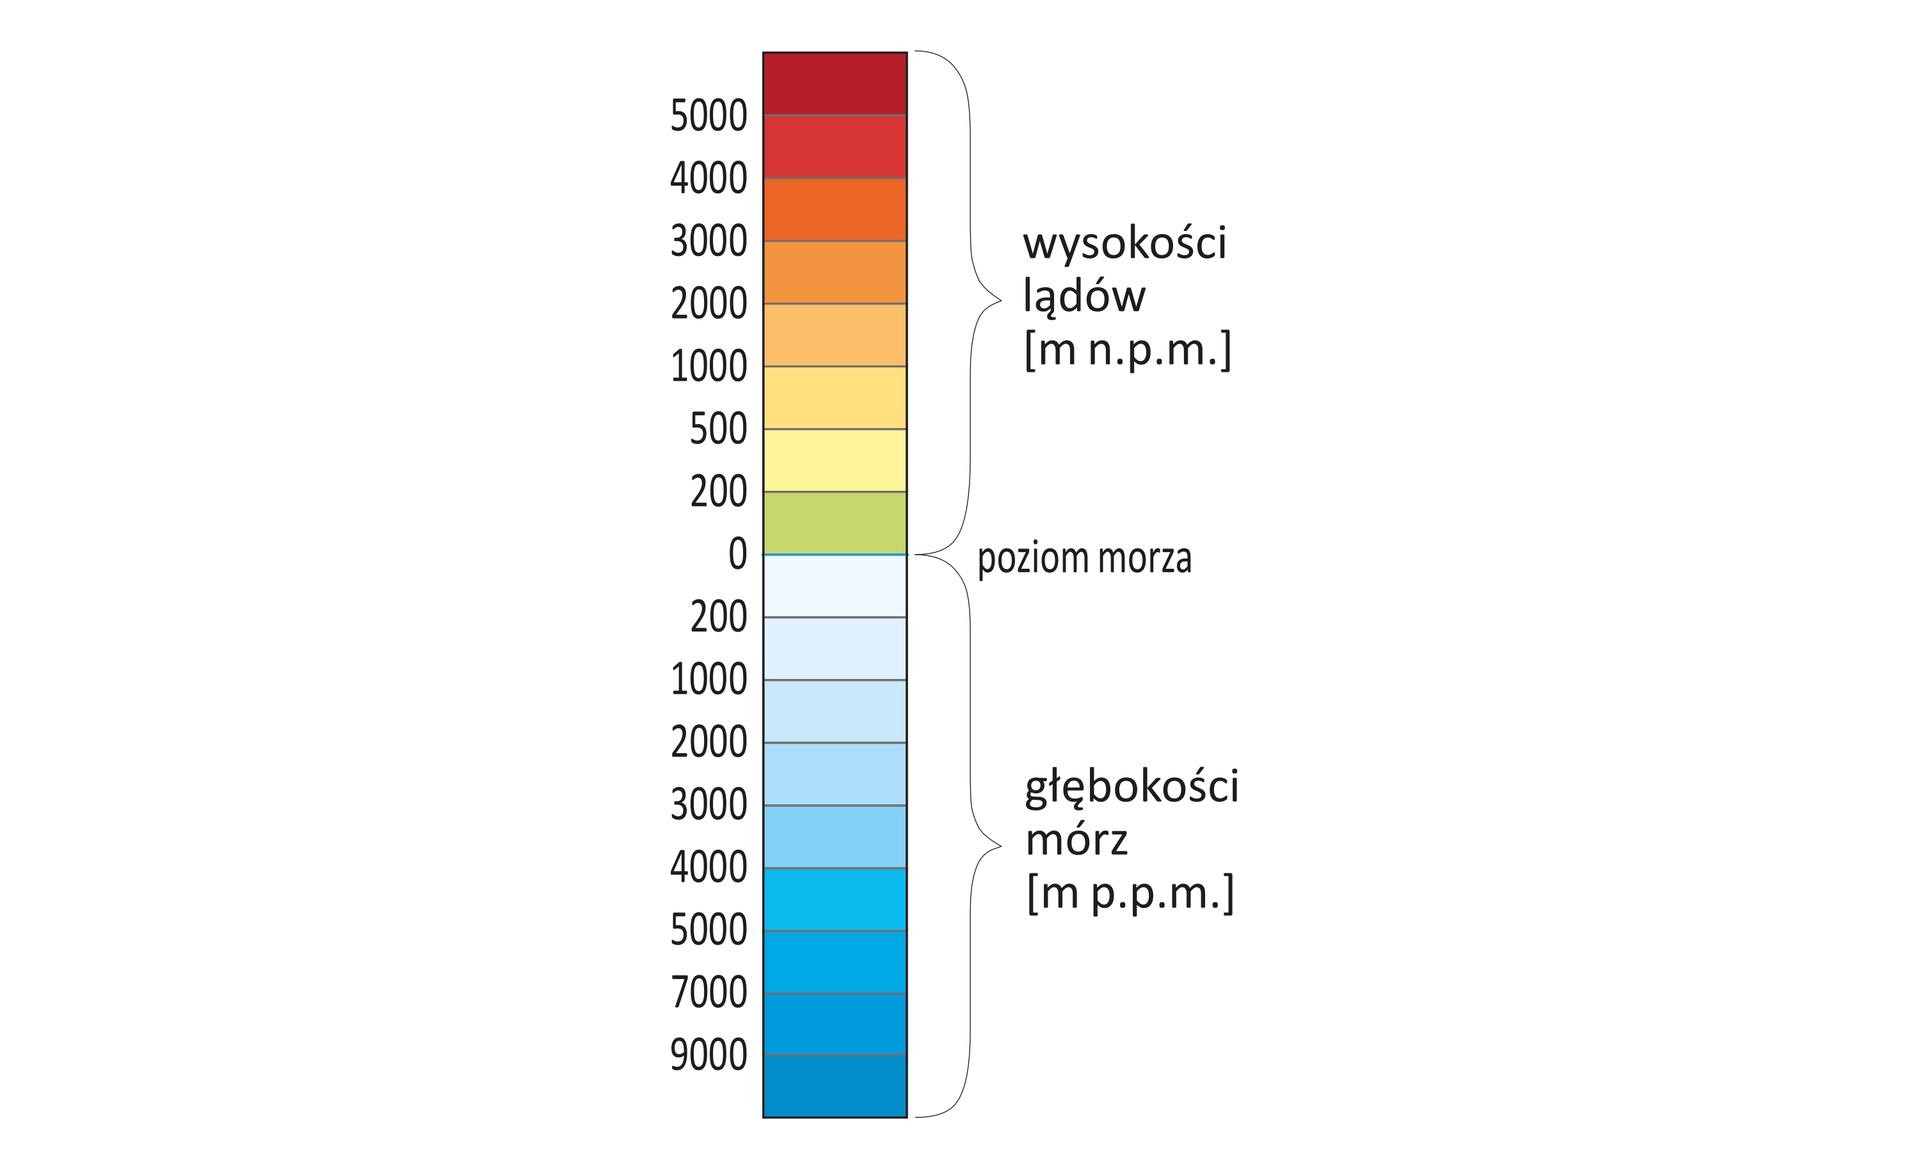 Ilustracja przedstawia skalę barw hipsometrycznych. Skala to pionowy prostokątny pas. Pas podzielony jest na równe części. Siedemnaście poziomo ułożonych małych prostokątów jest pokolorowanych różnymi barwami. Wpasie wydzielono dwie duże części. Wdolnej części znajduje się dziewięć niebieskich prostokątów skali. Na dole prostokąty są wkolorze ciemnoniebieskim. Im wyżej, tym kolor staje się jaśniejszy. Pierwszy od góry delikatnie niebieski prostokąt oznacza głębokość od zera do dwustu metrów poniżej poziomu morza. Następny prostokąt to głębokość od dwustu do tysiąca metrów poniżej poziomu morza. Następne poziomy to kolejno: do dwóch tysięcy metrów, trzech tysięcy, czterech tysięcy, pięciu tysięcy, siedmiu tysięcy iostatni najbardziej niebieski wskazuje głębokości poniżej dziewięciu tysięcy metrów. Powyżej poziomu morza znajduje się skala dotycząca wysokości lądów. Skala wyrażona jest wmetrach nad poziomem morza. Wysokości od zera do dwustu metrów oznaczone są prostokątem zielonym, od dwustu do pięciuset kolorem żółtym, od pięciuset do tysiąca lekko pomarańczowym, od tysiąca do dwóch tysięcy kolorem pomarańczowym, od dwóch tysięcy do trzech tysięcy kolorem mocniej pomarańczowym, od trzech tysięcy do czterech tysięcy bardzo mocno pomarańczowym, od czterech tysięcy do pięciu tysięcy kolorem czerwonym ipowyżej pięciu tysięcy kolorem bordowym. Poziom morza oznaczony niebieską linią. Obok skali hipsometrycznej powyżej poziomu morza znajduje się napis: wysokości lądów powyżej poziomu morza, pod nim znajduje się napis: poziom morza, ajeszcze niżej jest kolejny napis: głębokości mórz poniżej poziomu morza.